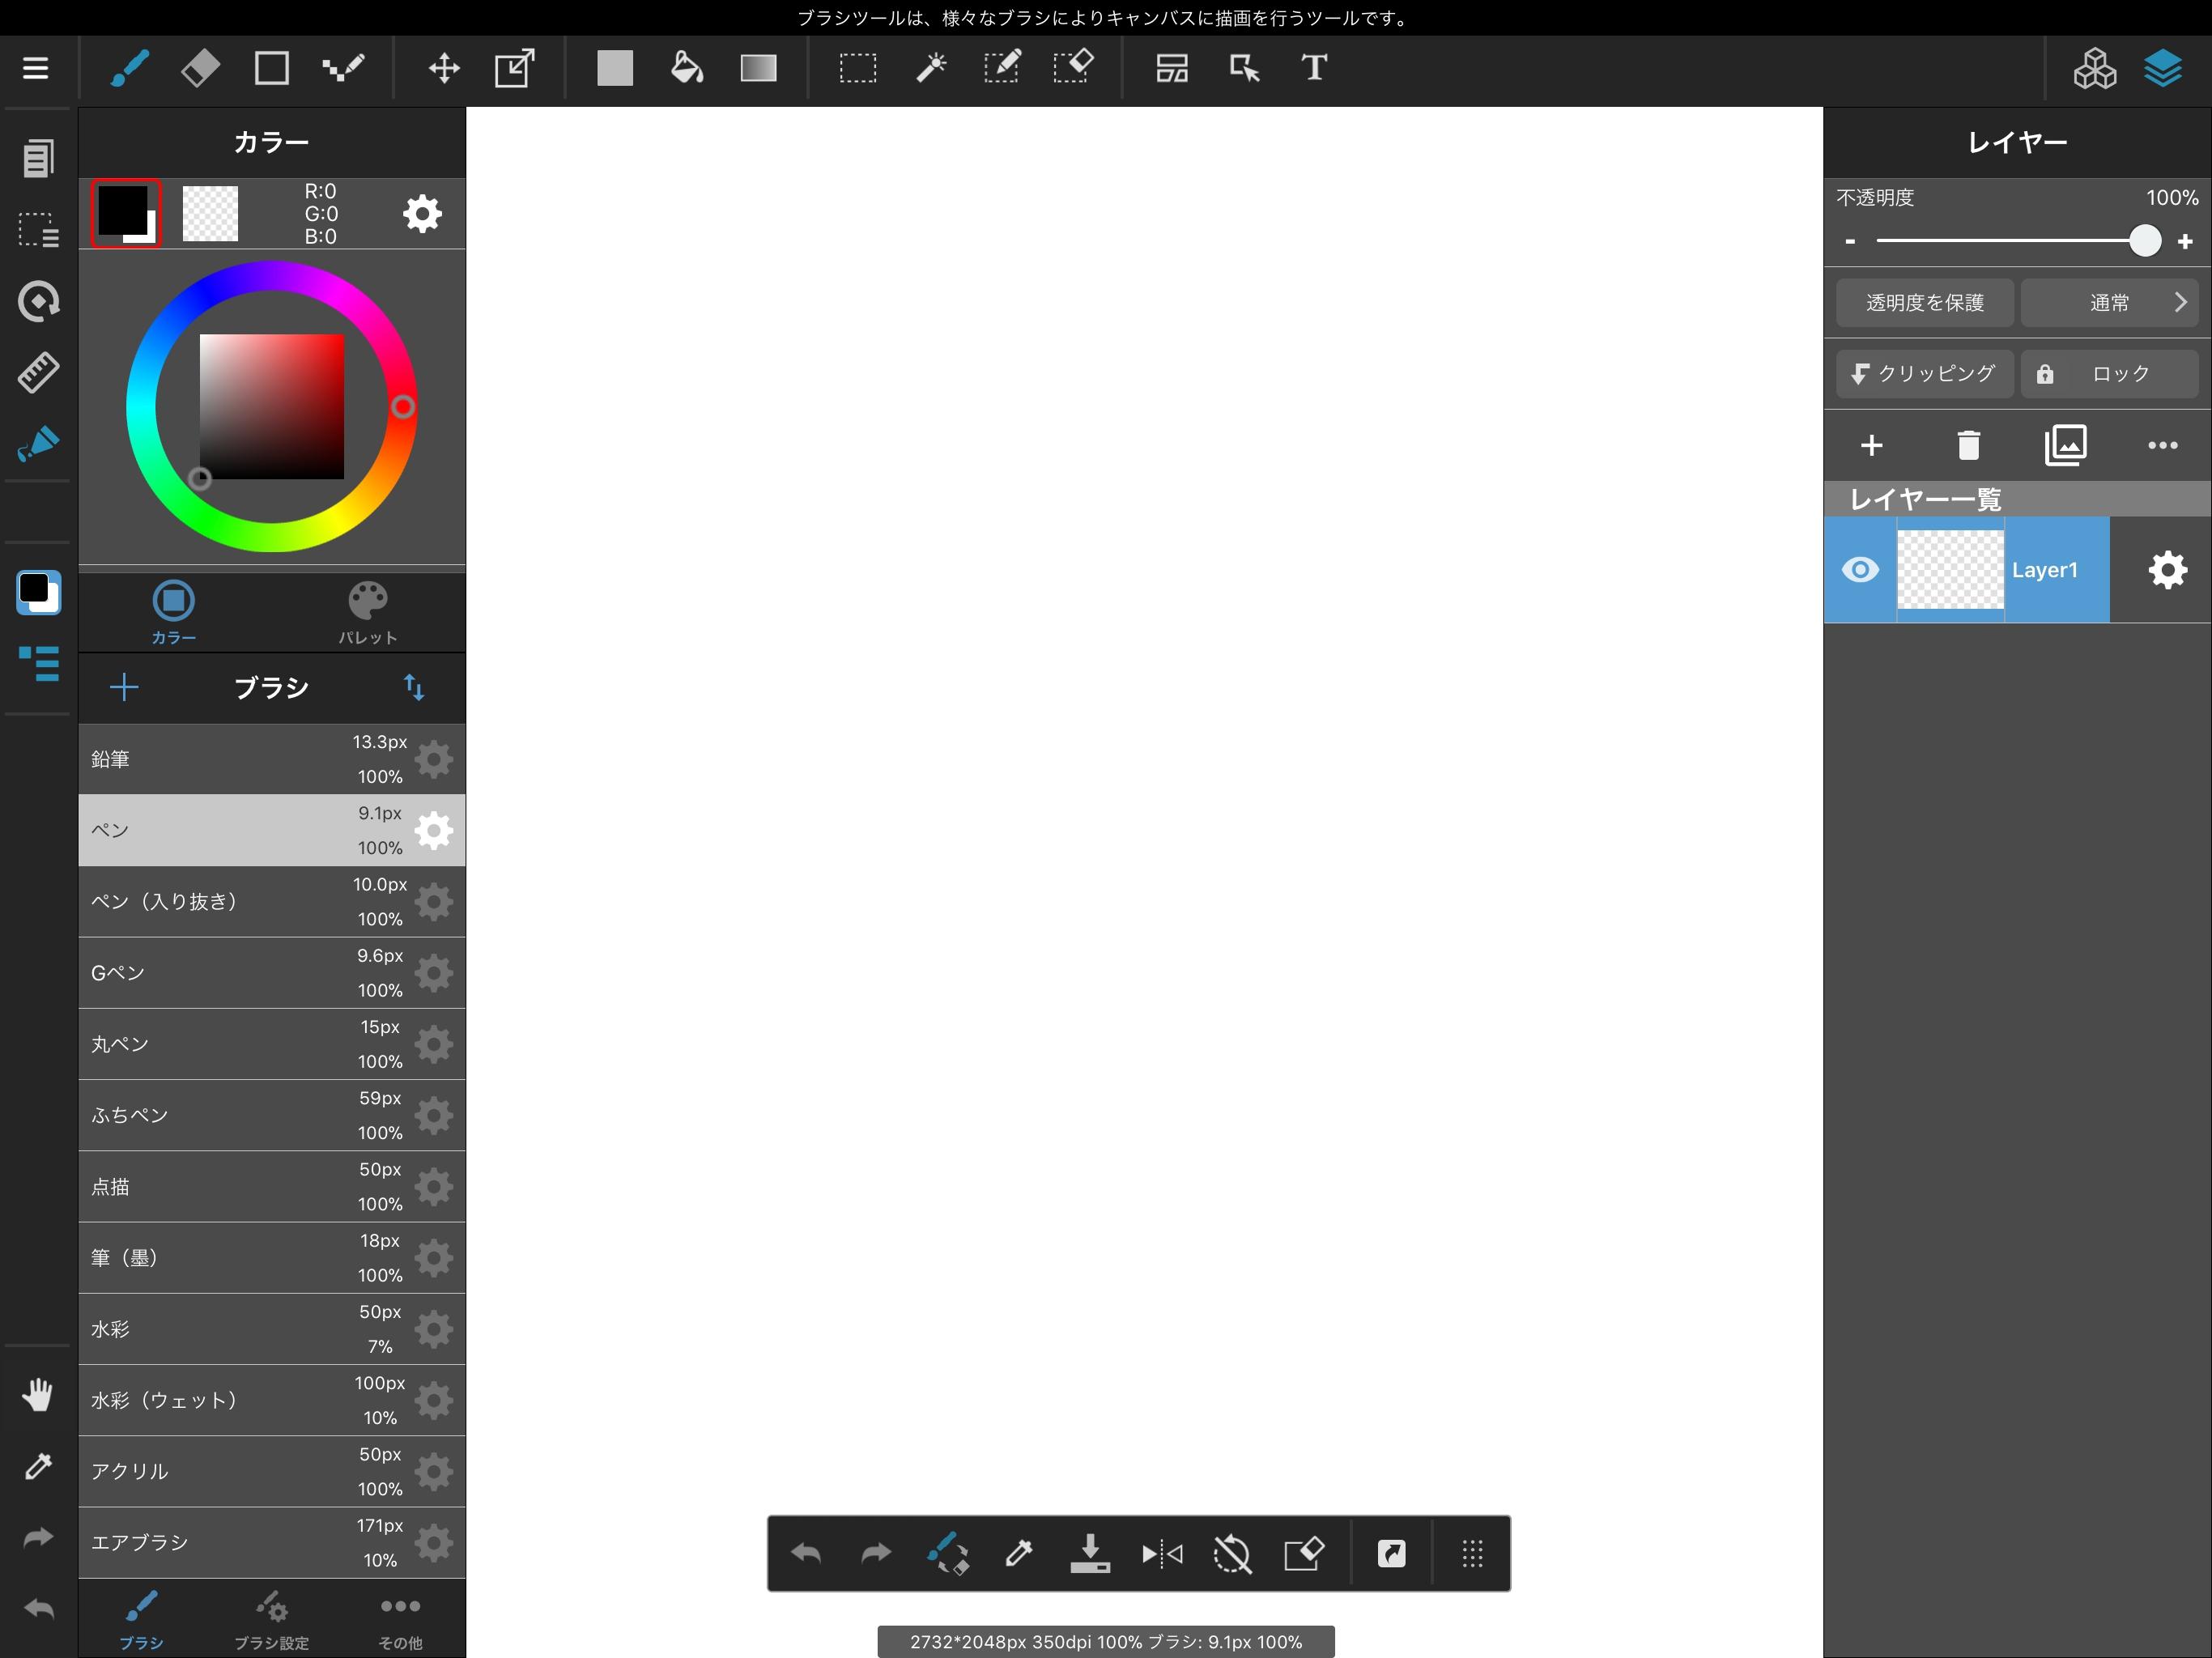 端末サイズのキャンバスが作成された画面